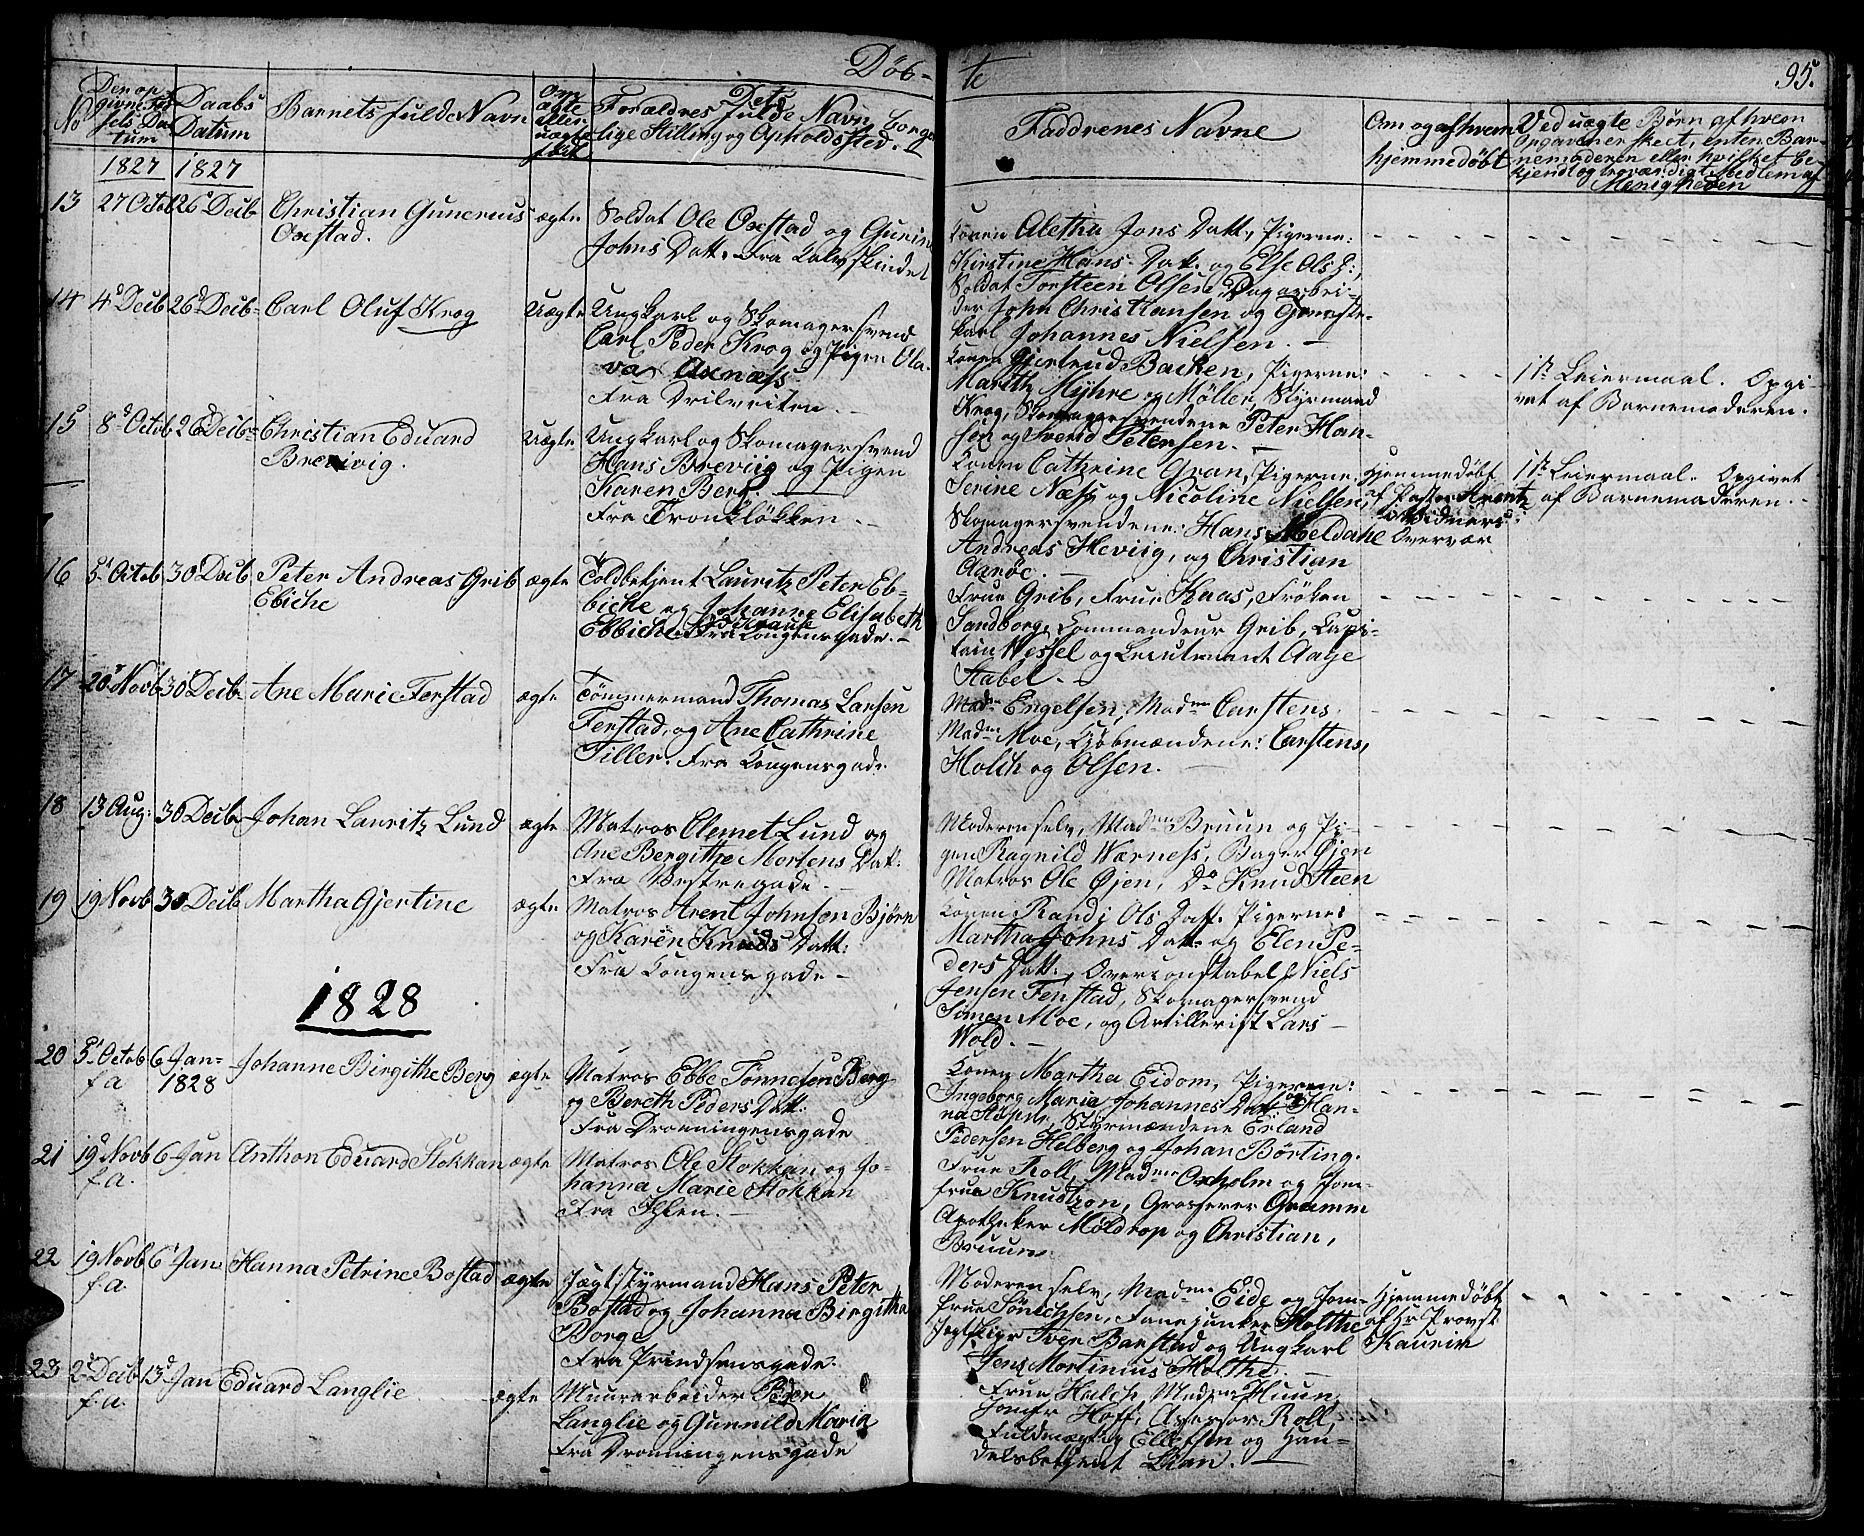 SAT, Ministerialprotokoller, klokkerbøker og fødselsregistre - Sør-Trøndelag, 601/L0045: Ministerialbok nr. 601A13, 1821-1831, s. 95